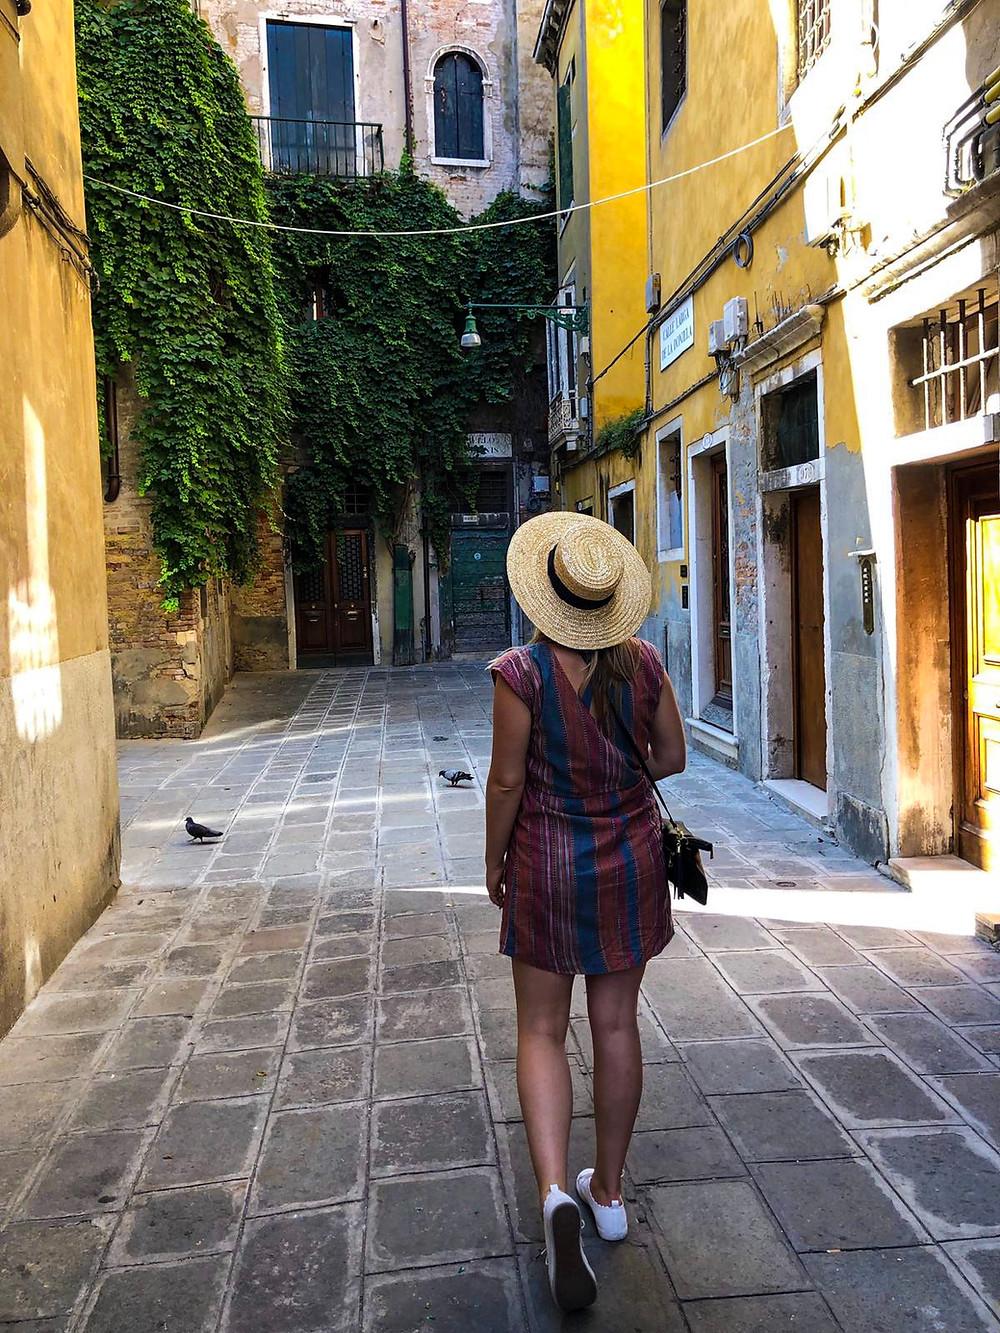 Nicole in Italy